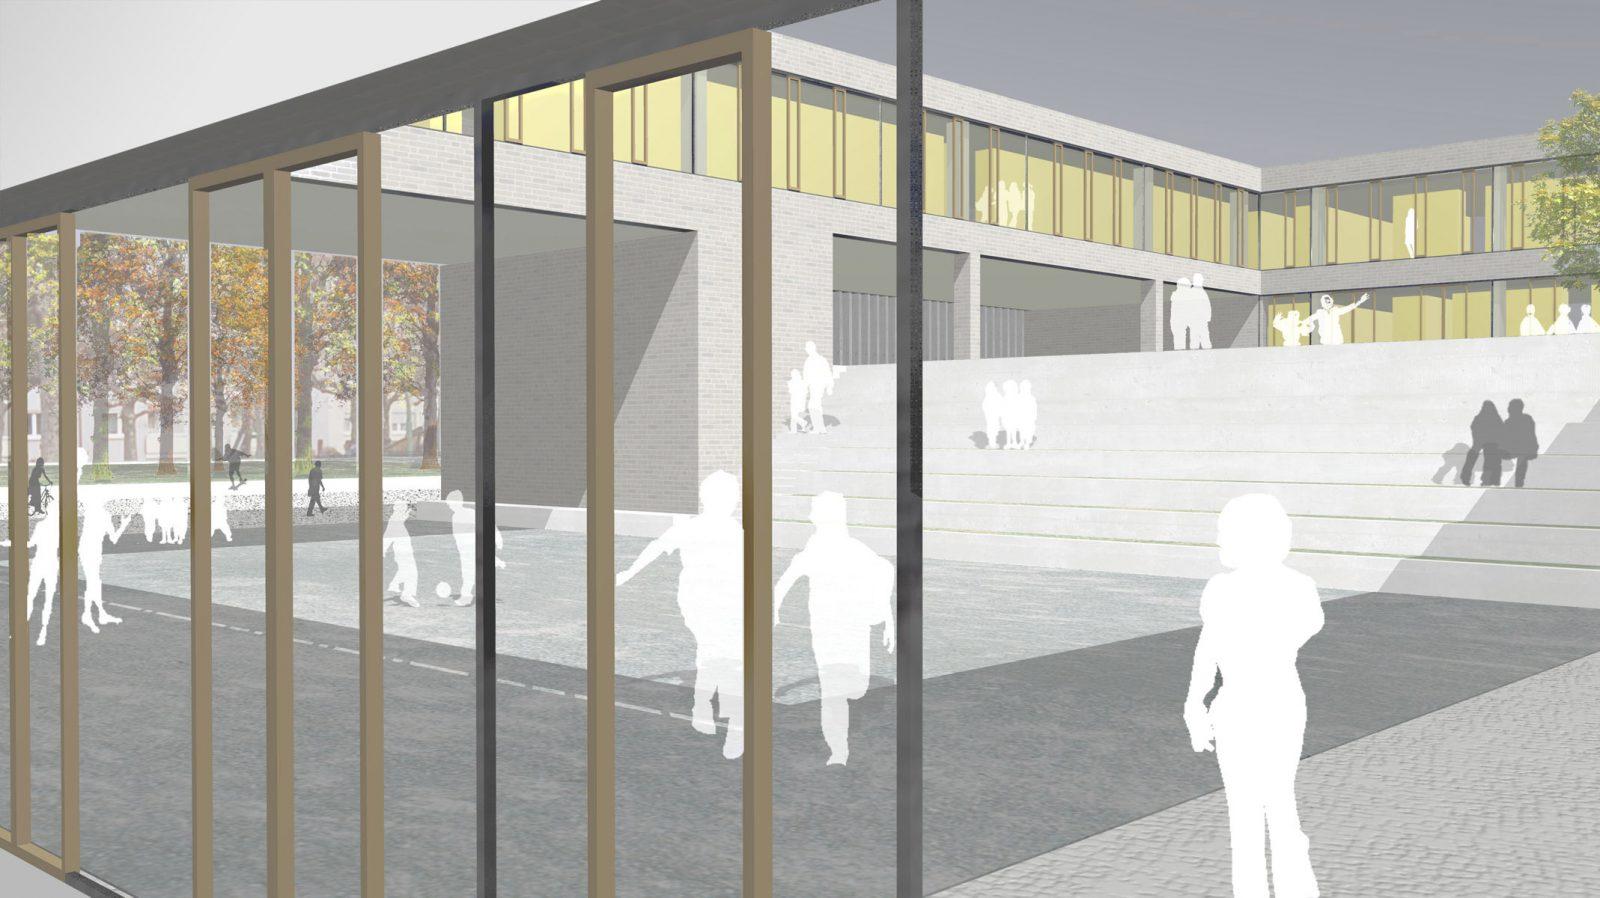 Perspektive-Wettbewerb-Dahlmannschule-Frankfurt-am-Main-4.Preis-2011-© Friedrich-Poerschke-Zwink-Architekten